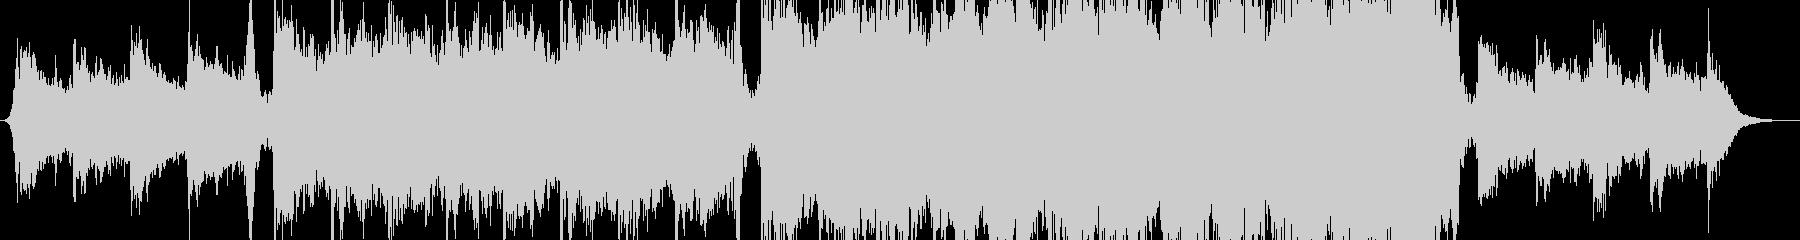 シネマティックエピックサウンドトラックの未再生の波形